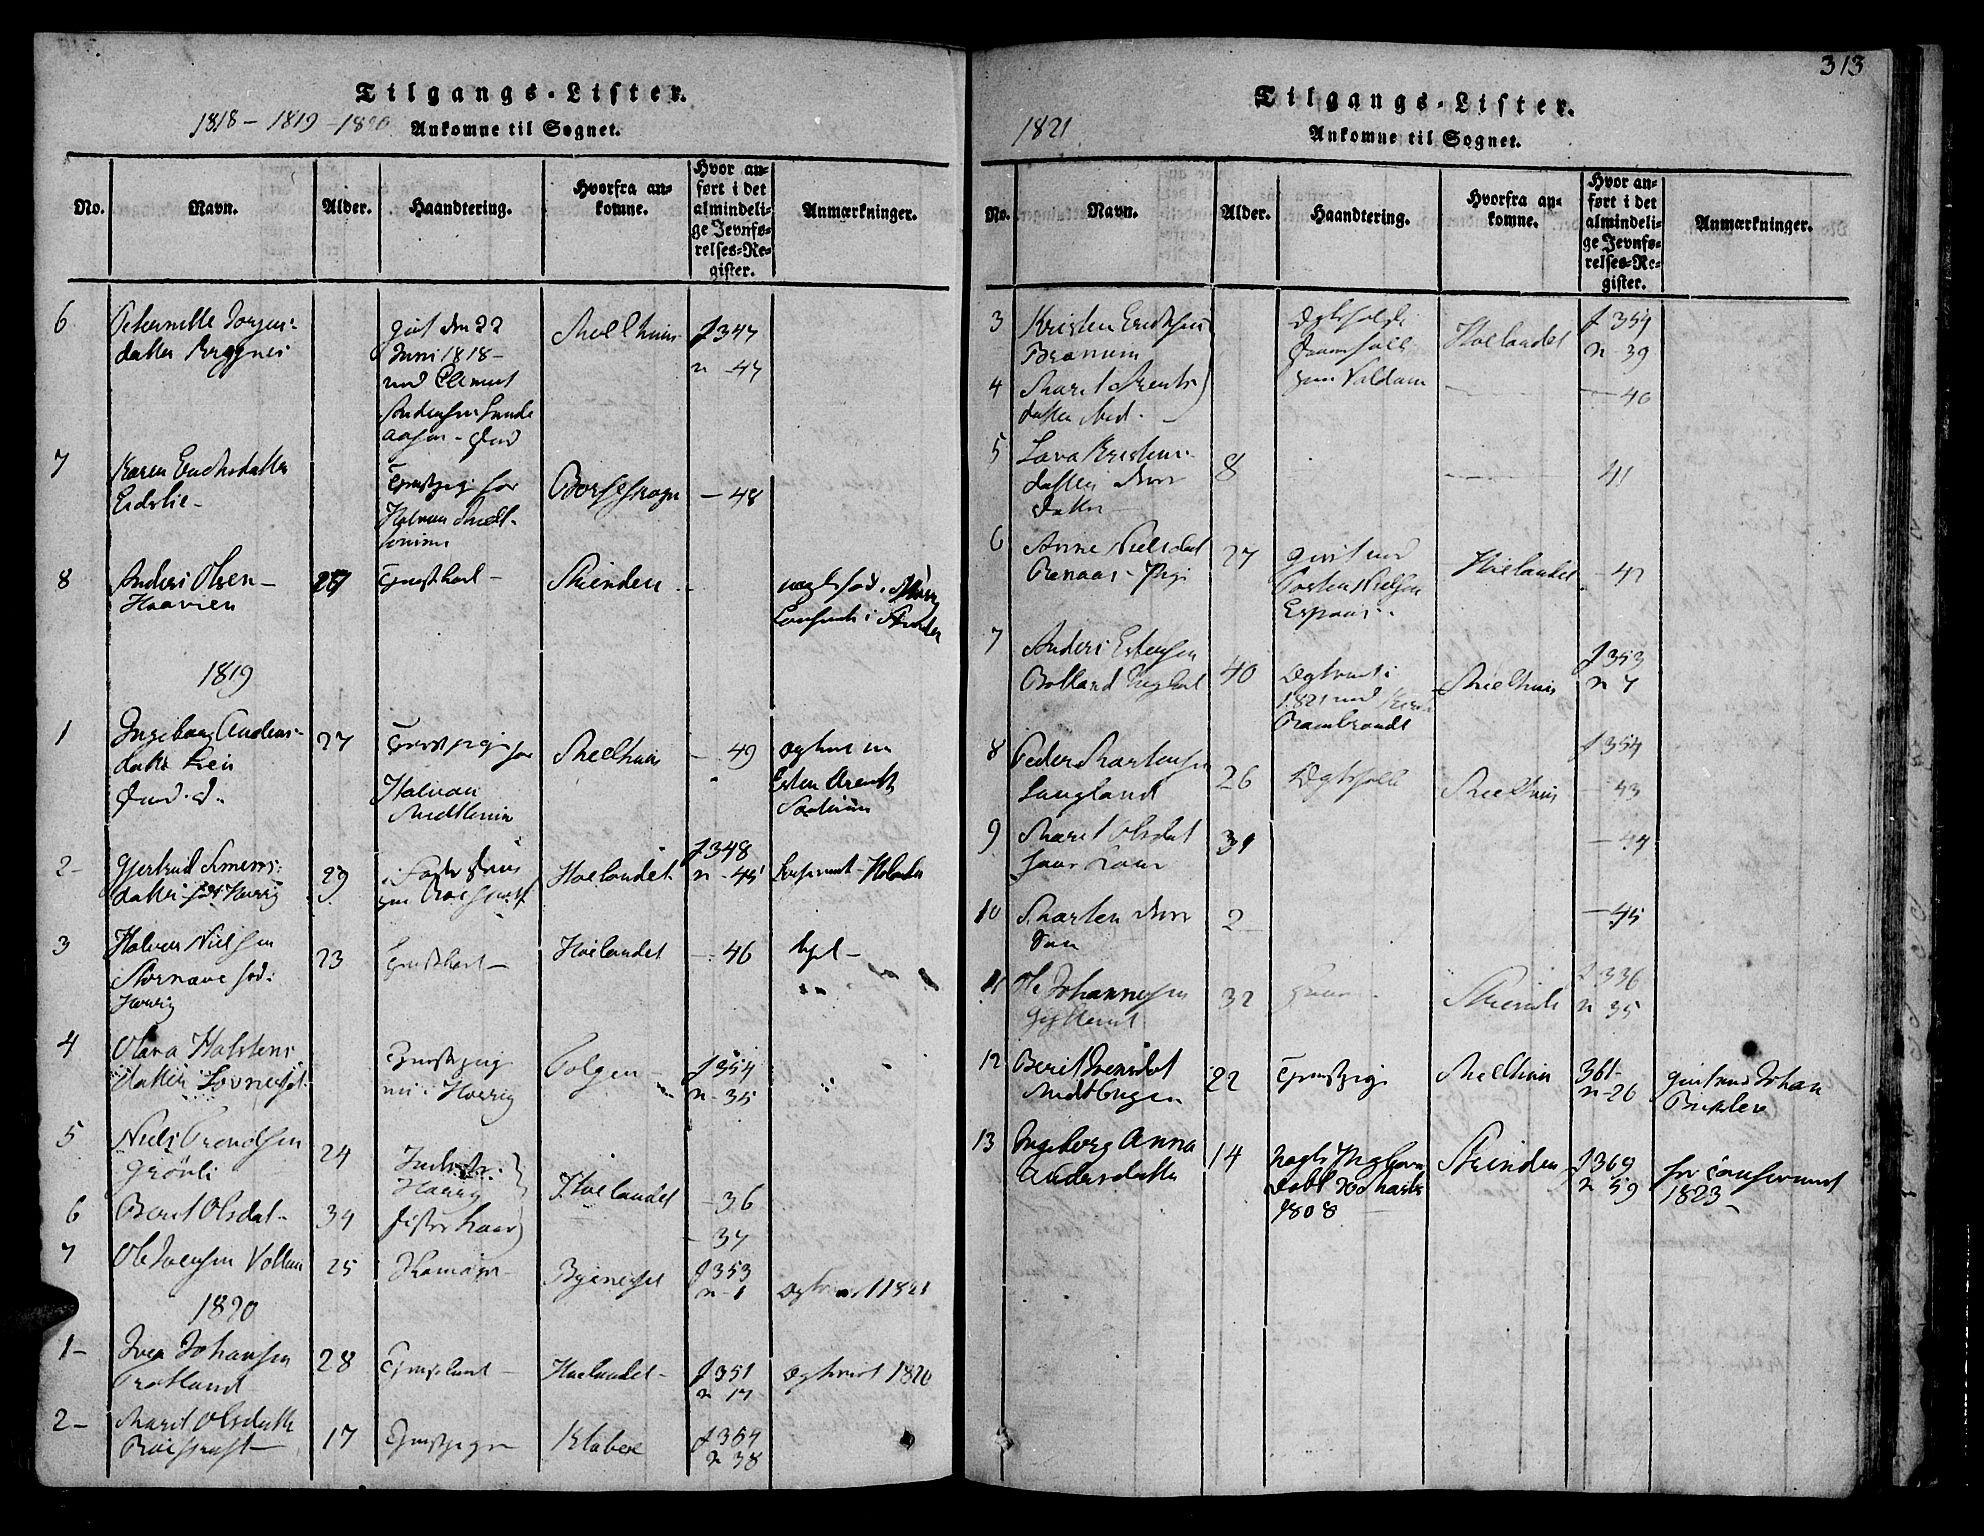 SAT, Ministerialprotokoller, klokkerbøker og fødselsregistre - Sør-Trøndelag, 692/L1102: Ministerialbok nr. 692A02, 1816-1842, s. 313